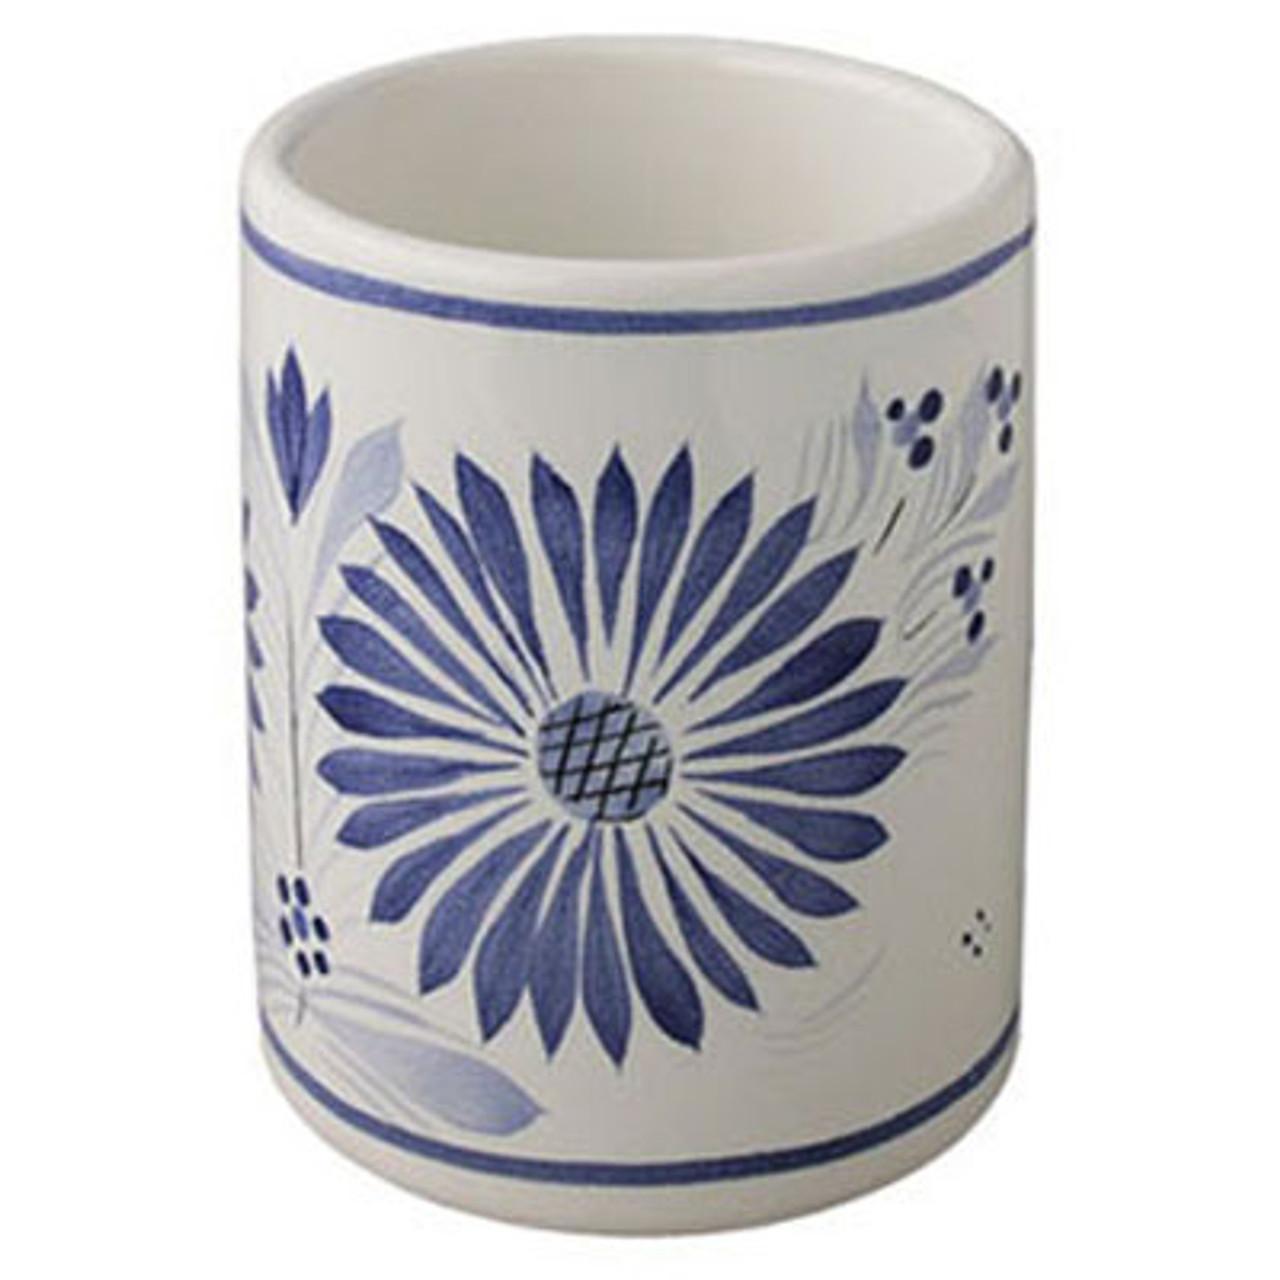 Quimper Pencil Bathroom Cup Camaieu